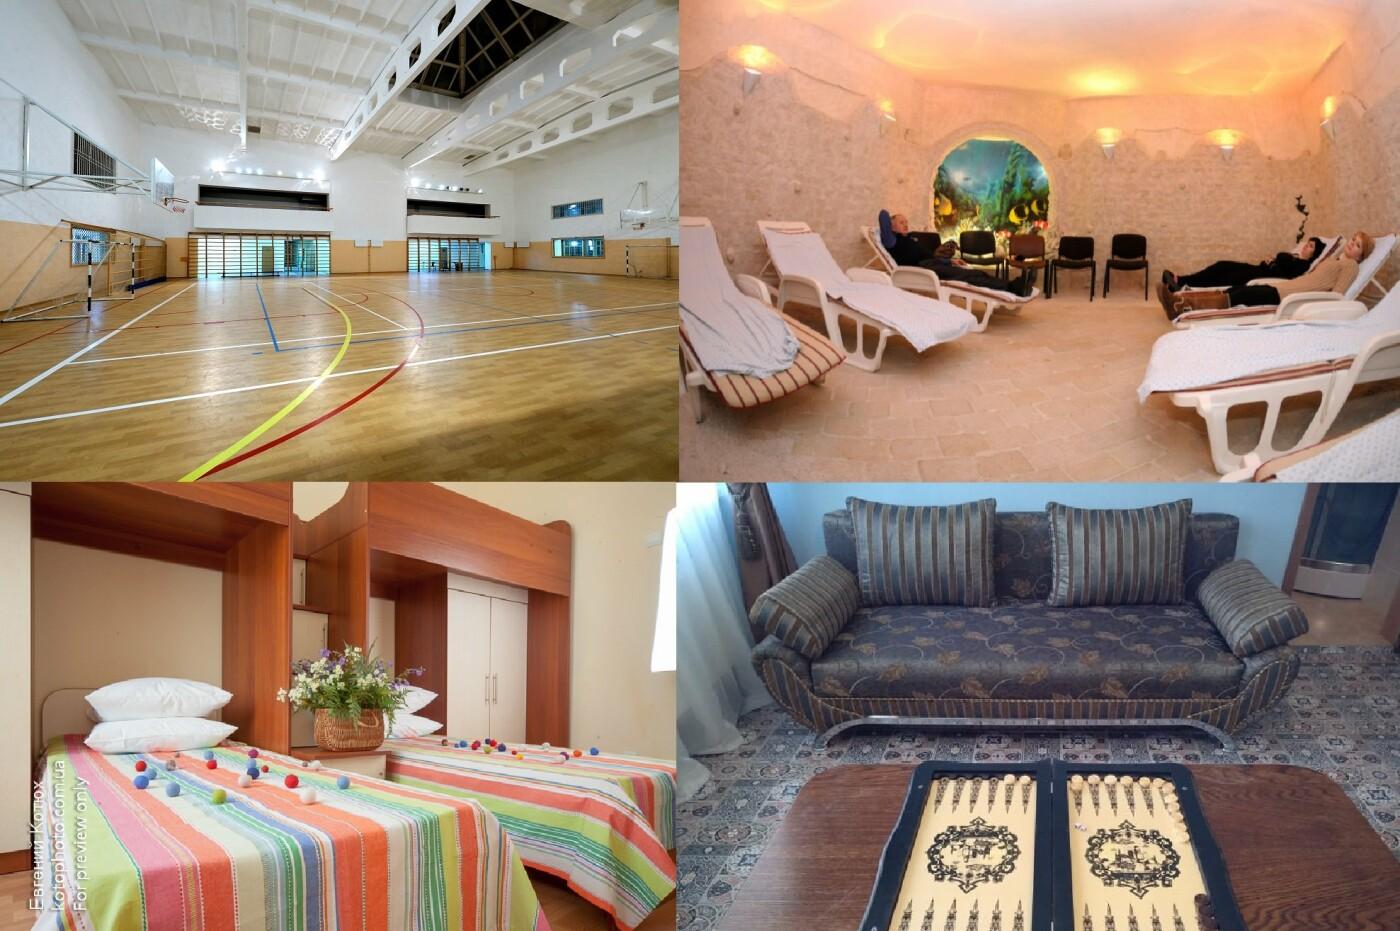 База відпочинку «Хвиля» - ідеальне місце для проведення банкетів, семінарів та конференцій, фото-1